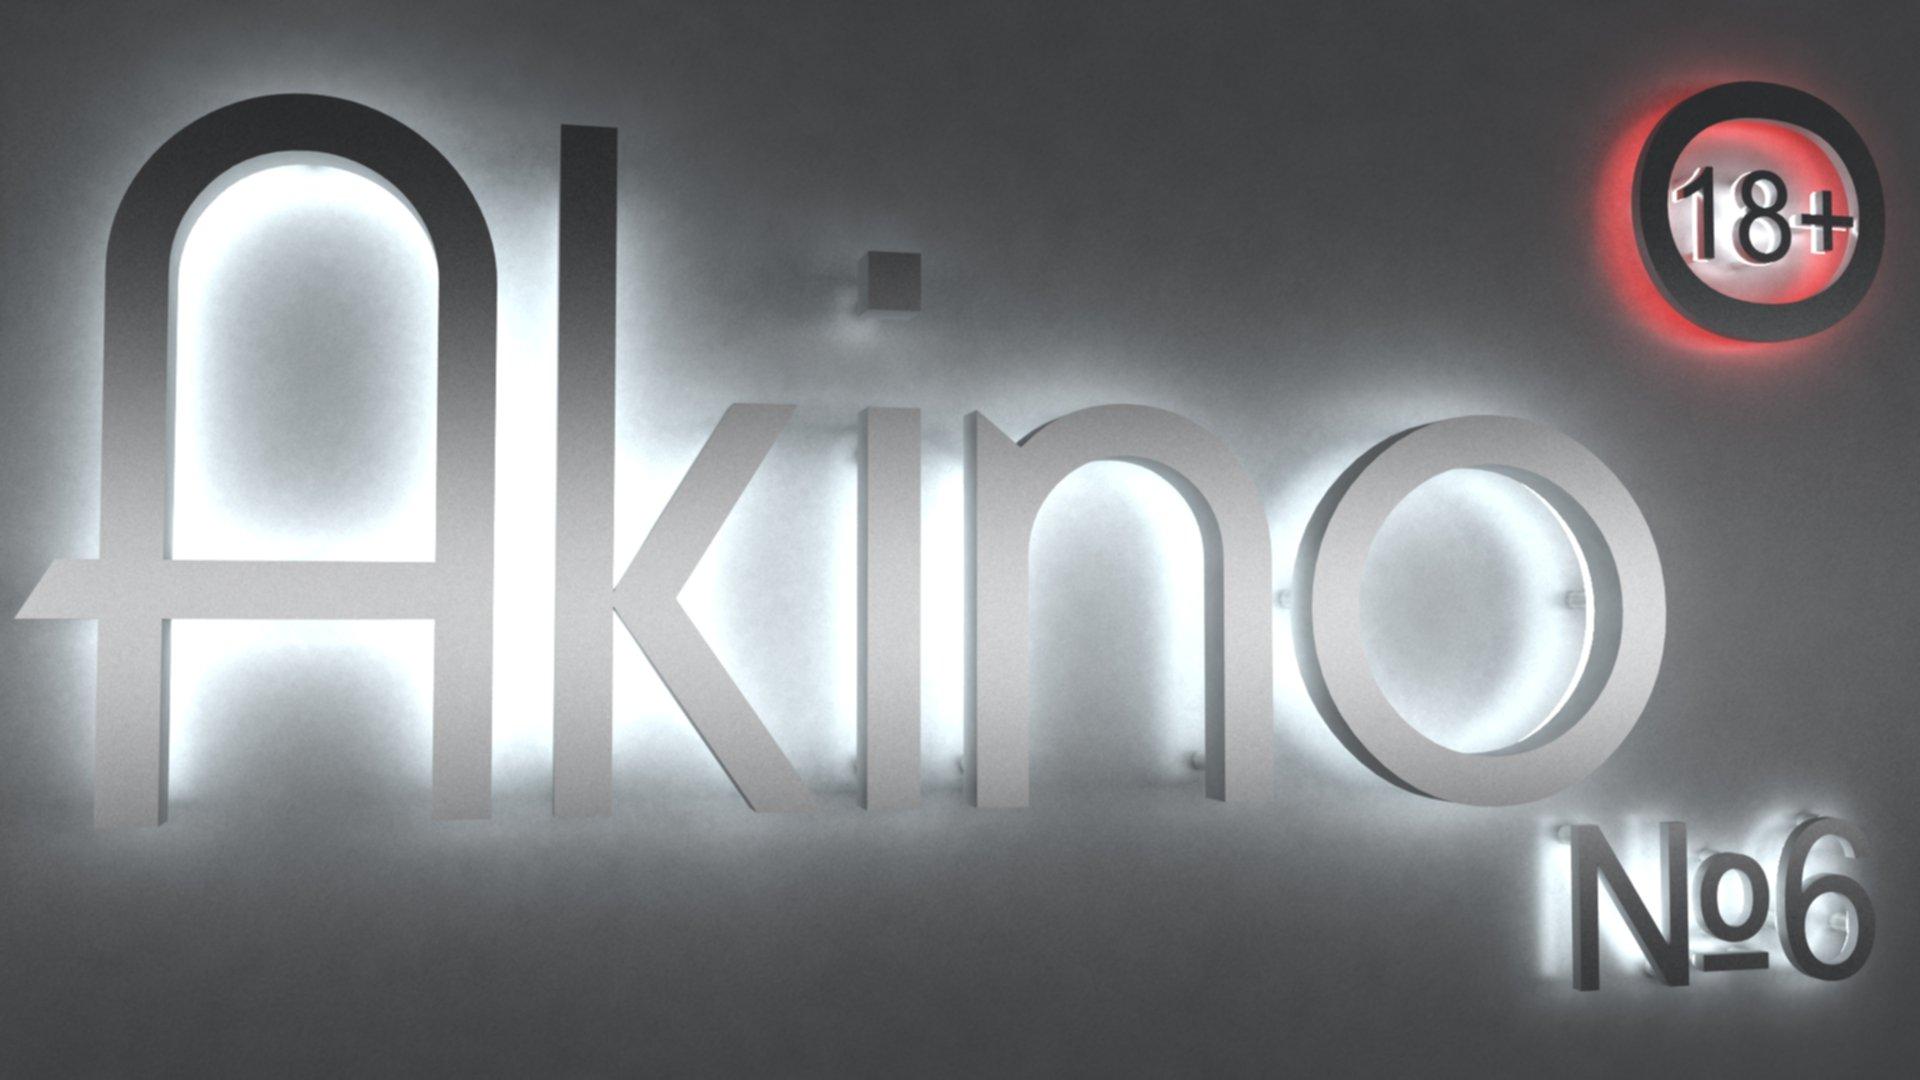 Подкаст AkiNO Выпуск № 6 (18+) - Изображение 1